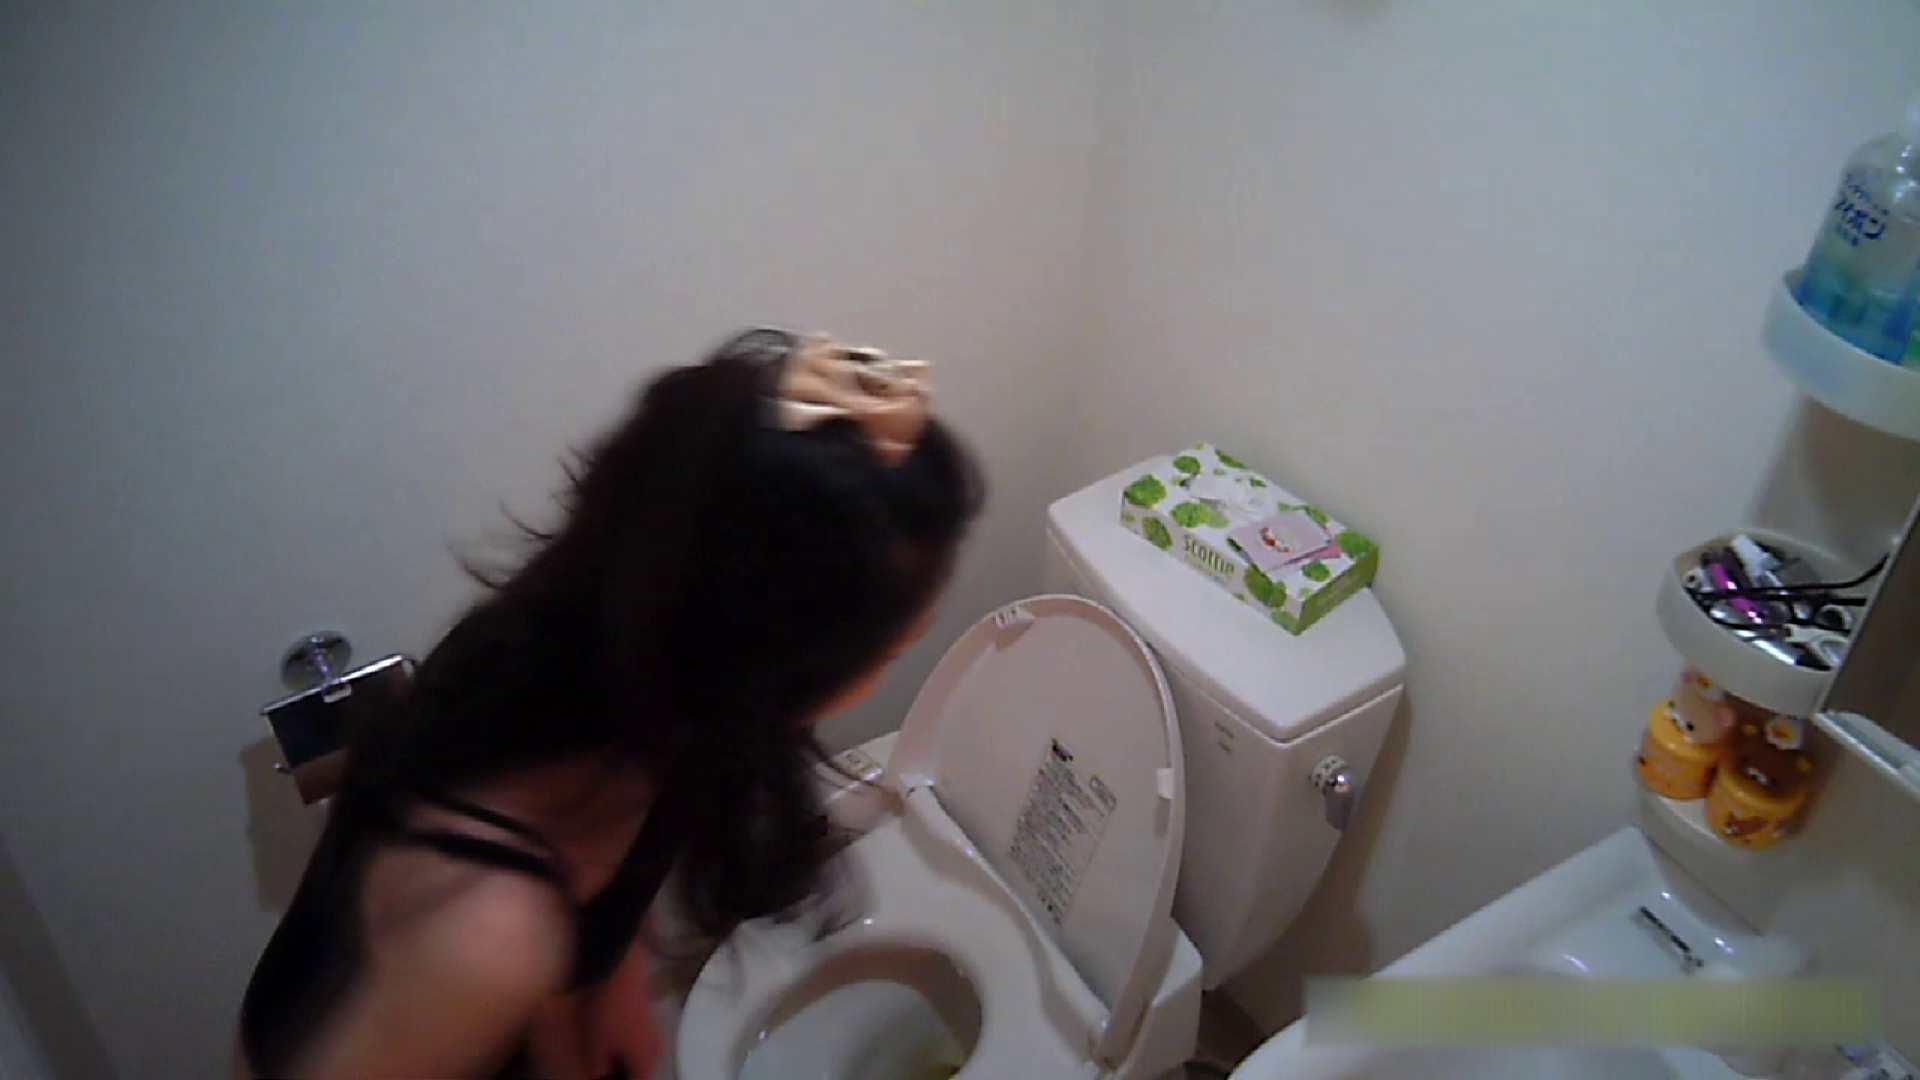 清楚な顔してかなり敏感なE子25歳(仮名)Vol.05 裸でトイレ編 トイレ中 | OL  68連発 43